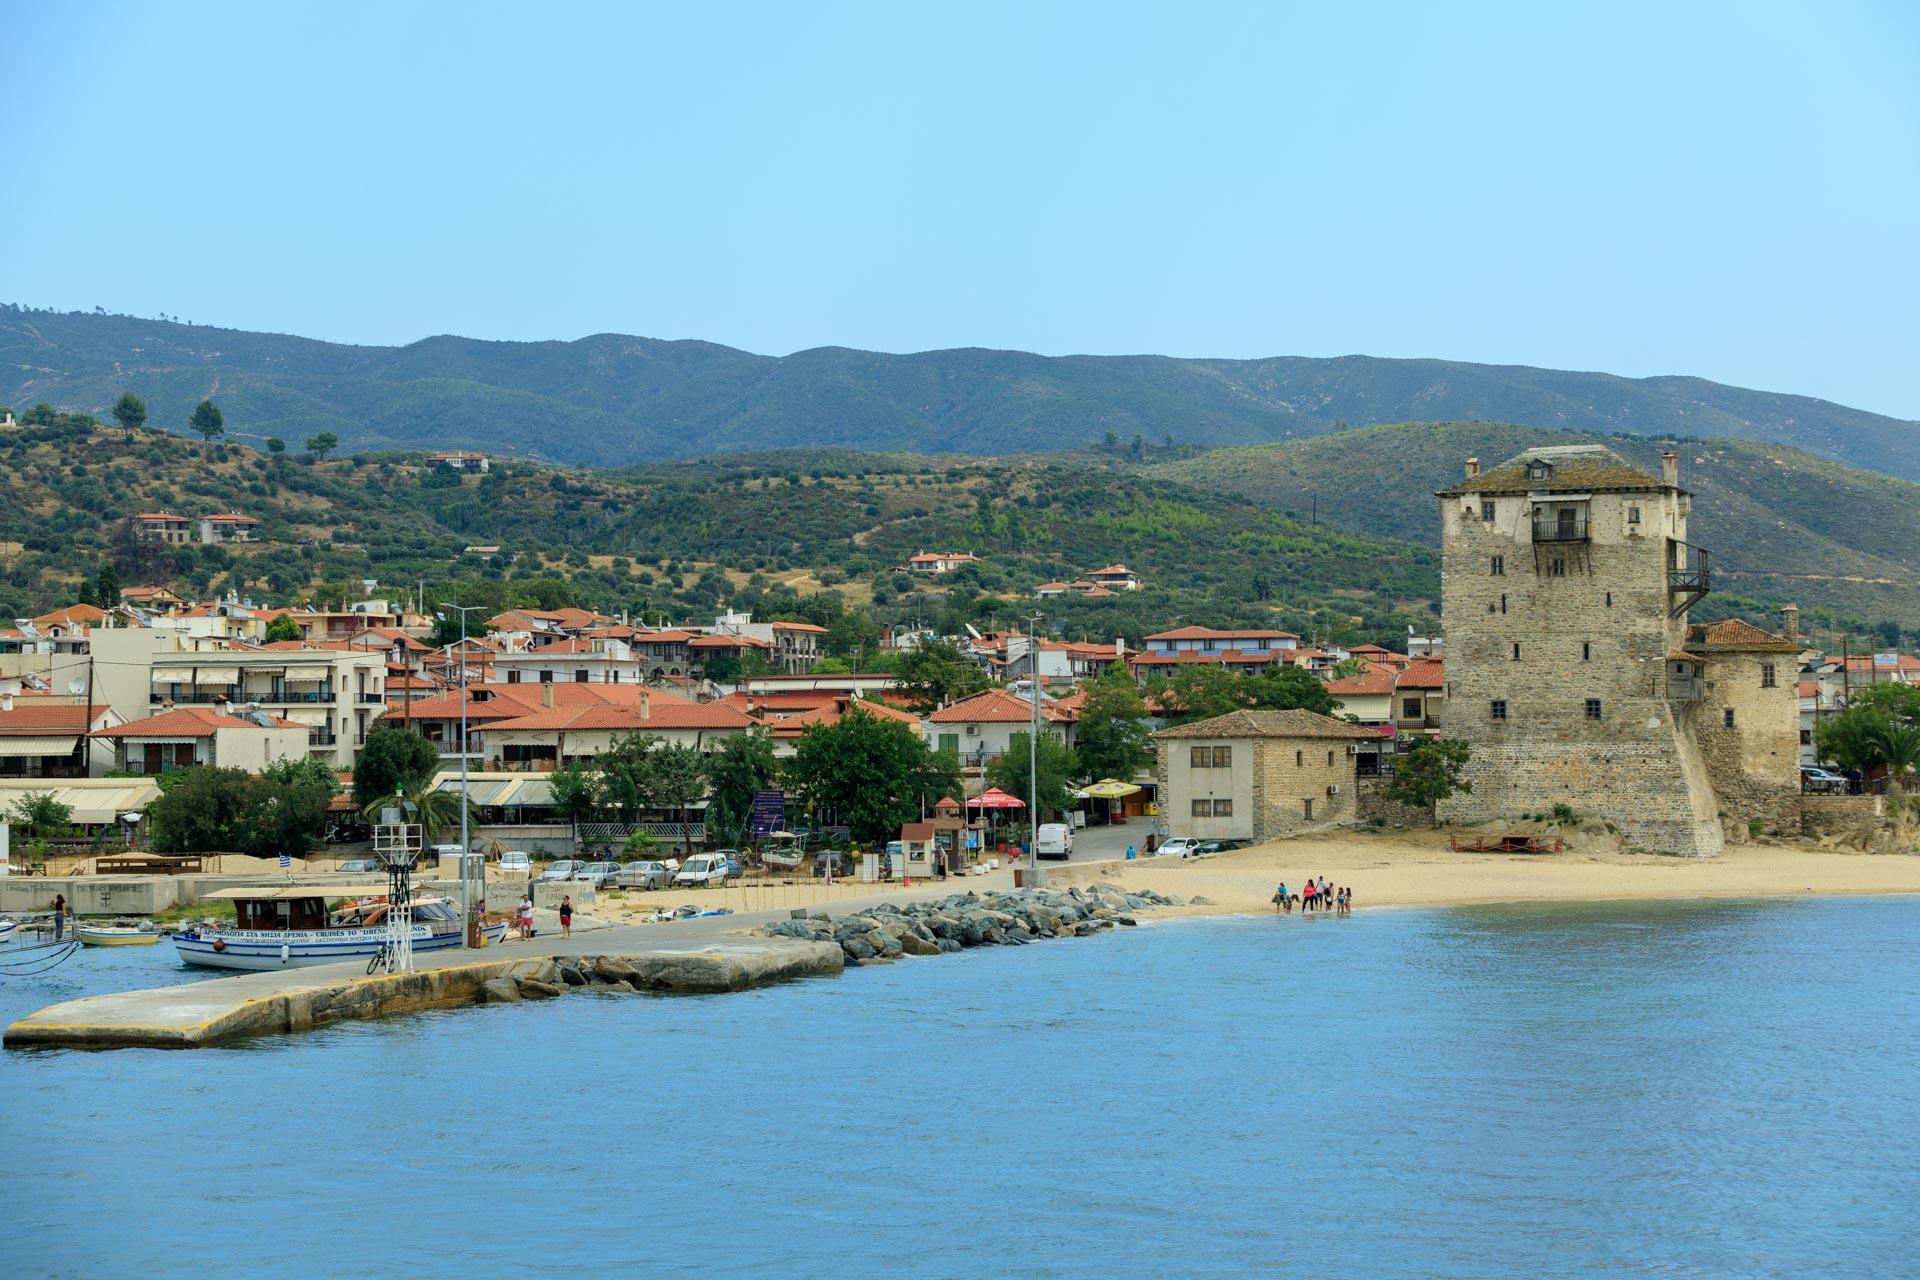 Hafen von Ouranoupoli - Turm von Proshorion